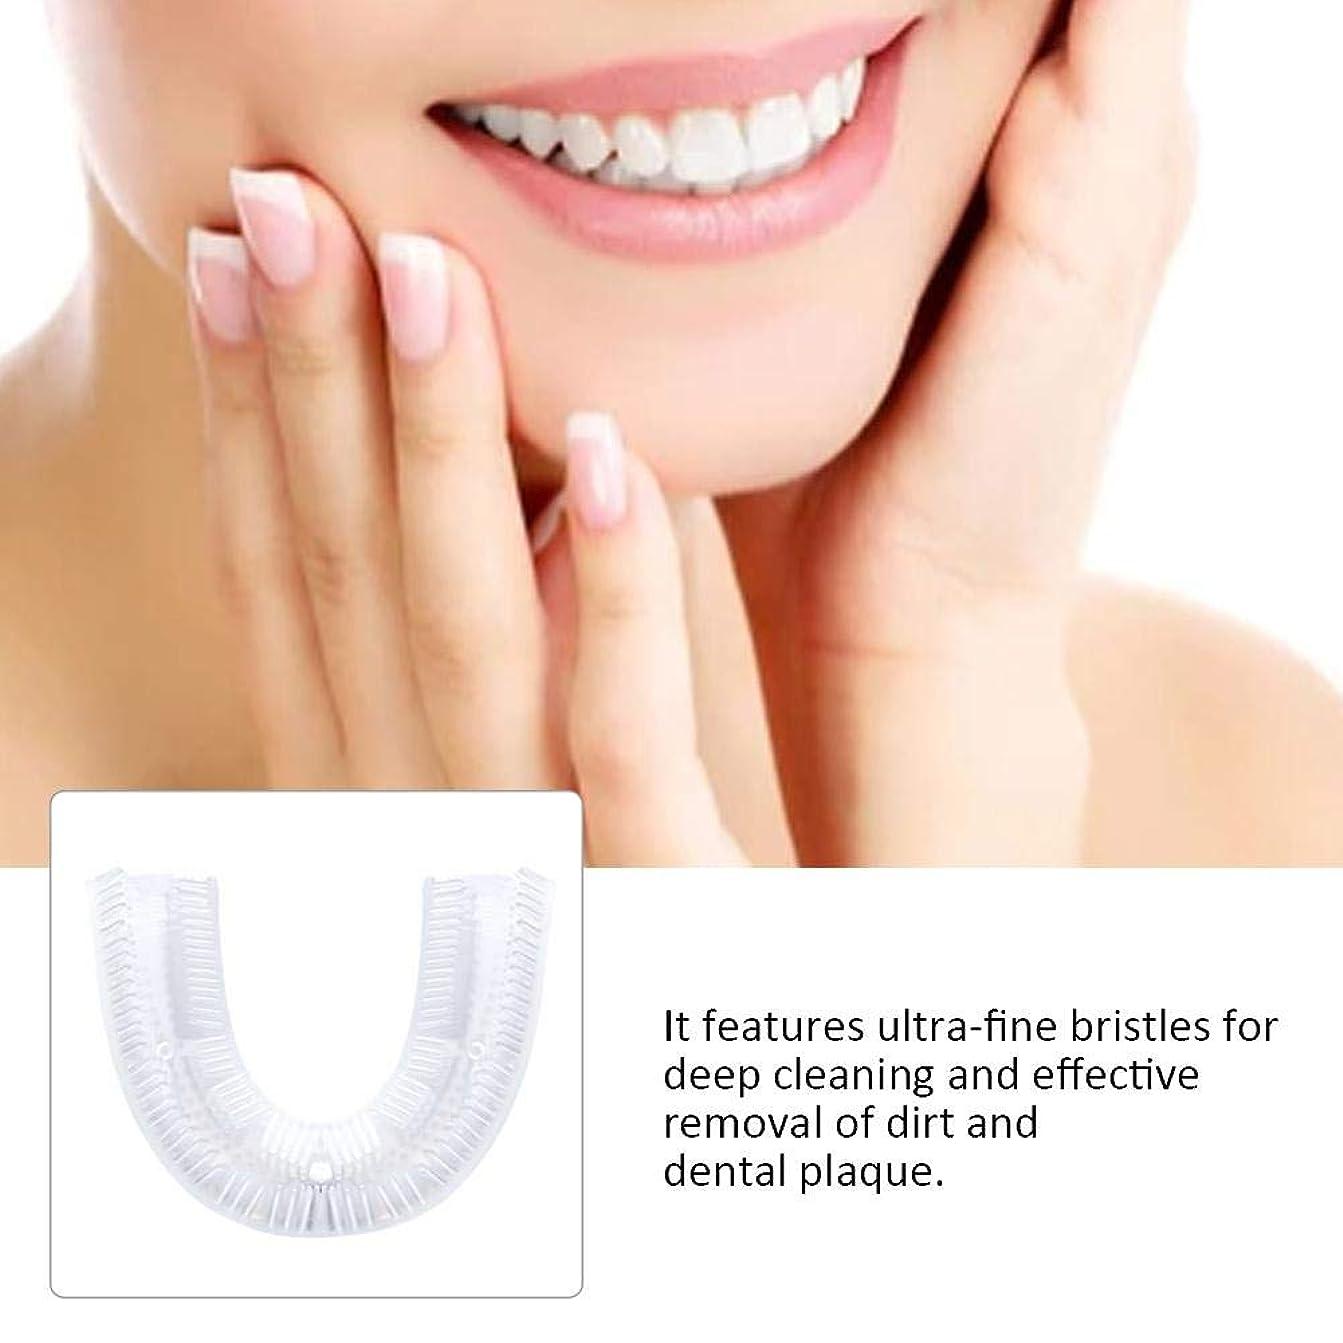 人質別に石膏PUERI U型シリコーン歯ブラシ 電動歯ブラシ 360°全方位 ホワイトニング 白い歯 シリコンブラシヘッド 口臭防止 歯周病防止 食べカス取る歯健康守り 歯間洗浄器